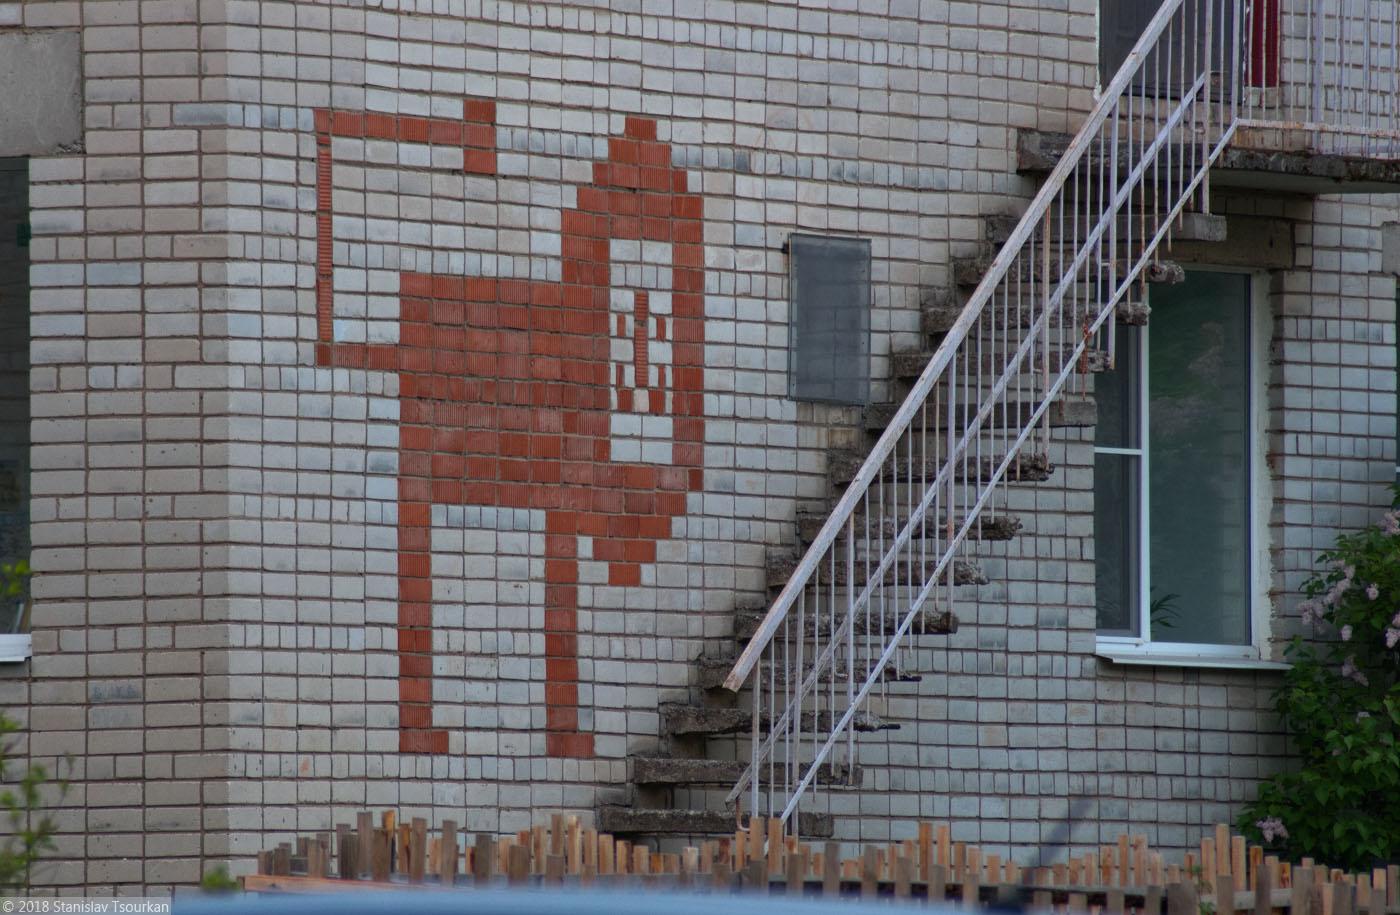 Пудож, Карелия, республика Карелия, кирпичные мозаики, детский сад